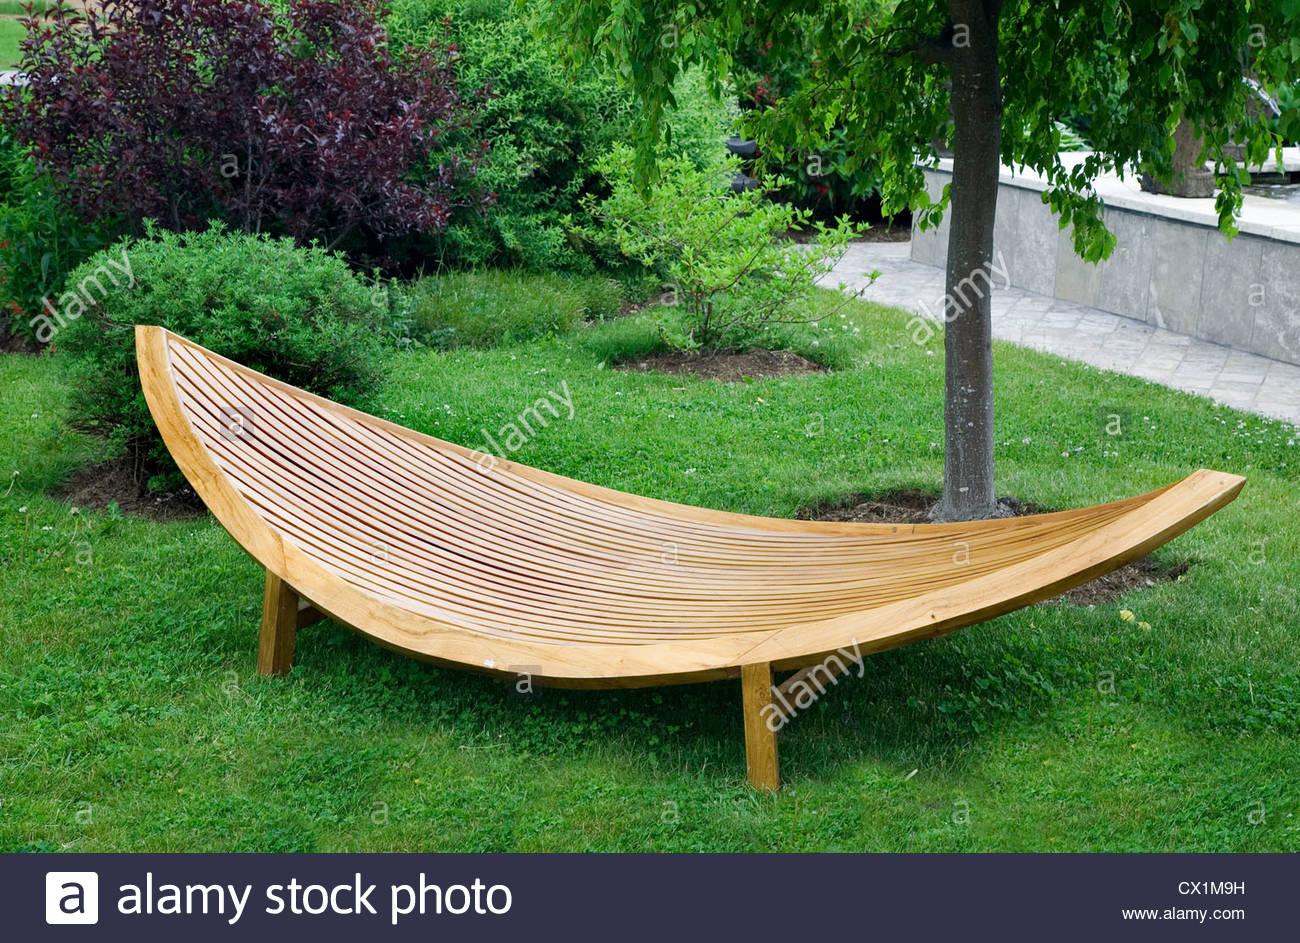 Wooden garden furniture  19